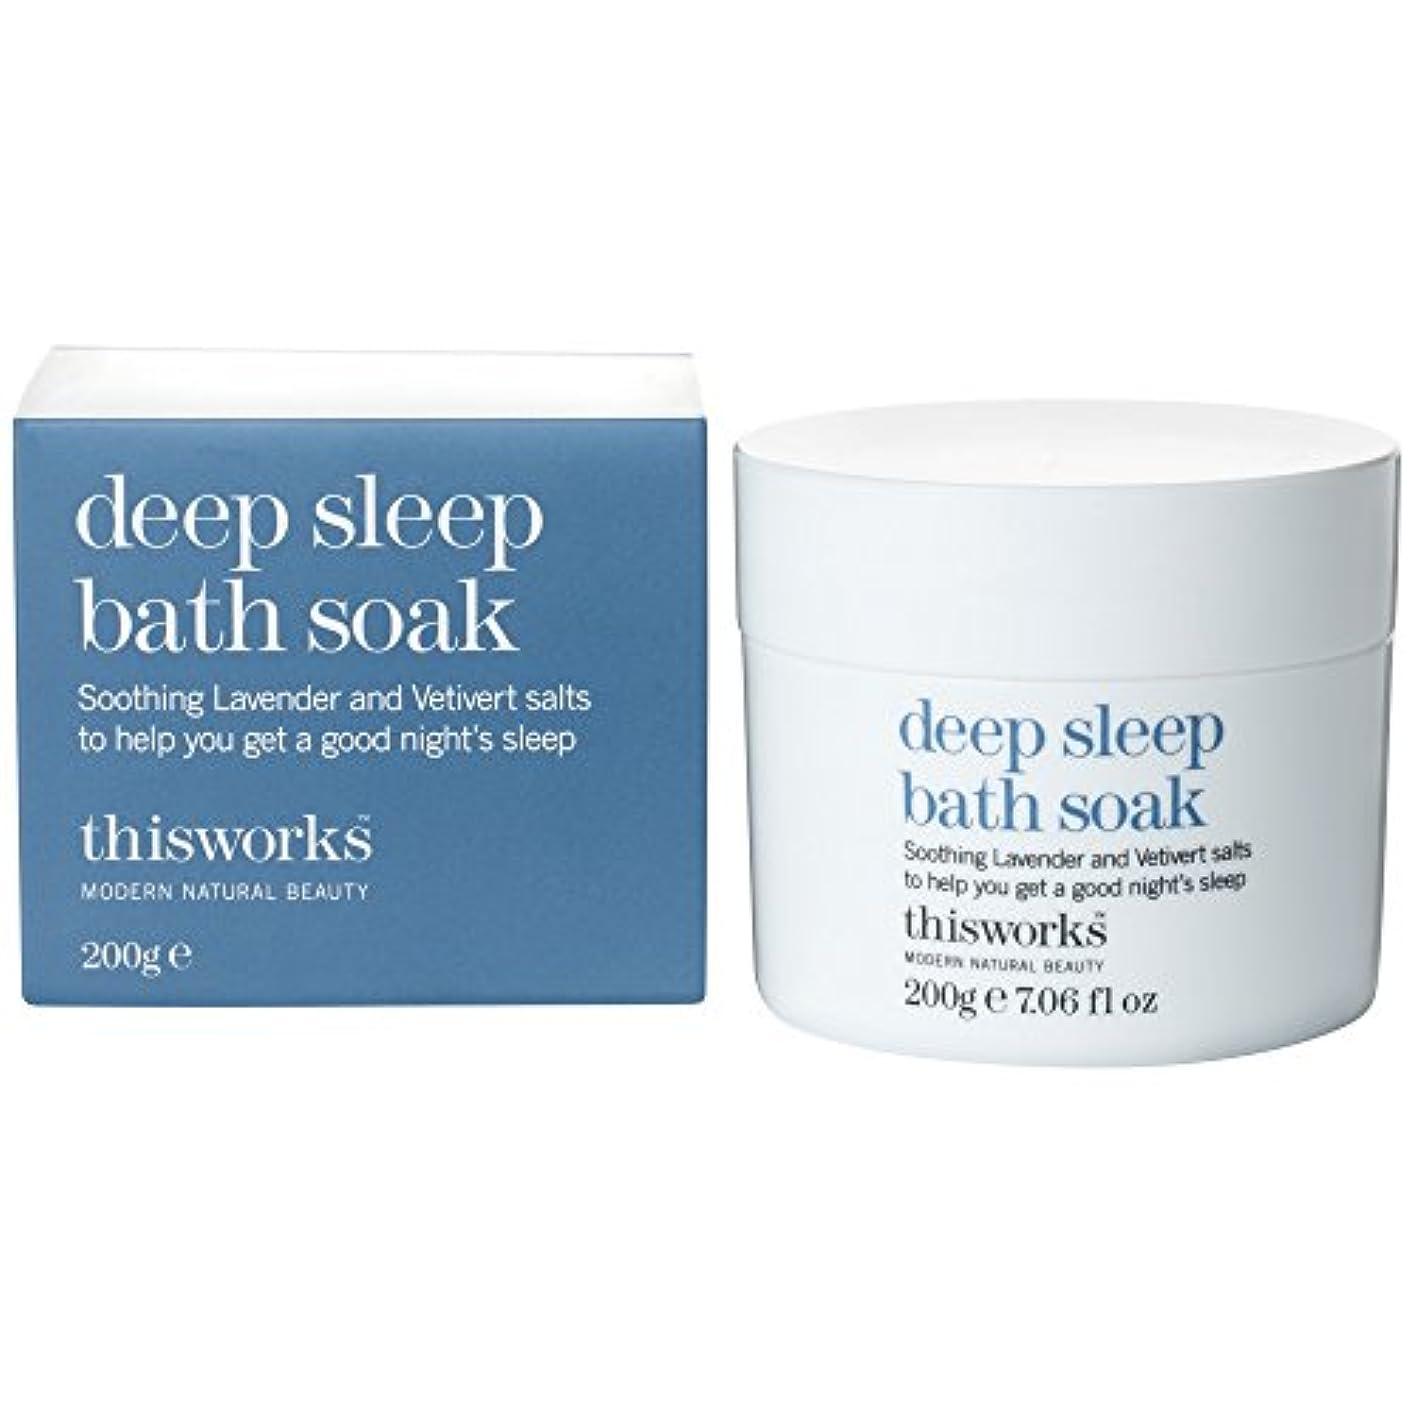 非常に怒っています留め金非難これは、深い眠り浴が200グラムを浸す働きます (This Works) (x6) - This Works Deep Sleep Bath Soak 200g (Pack of 6) [並行輸入品]